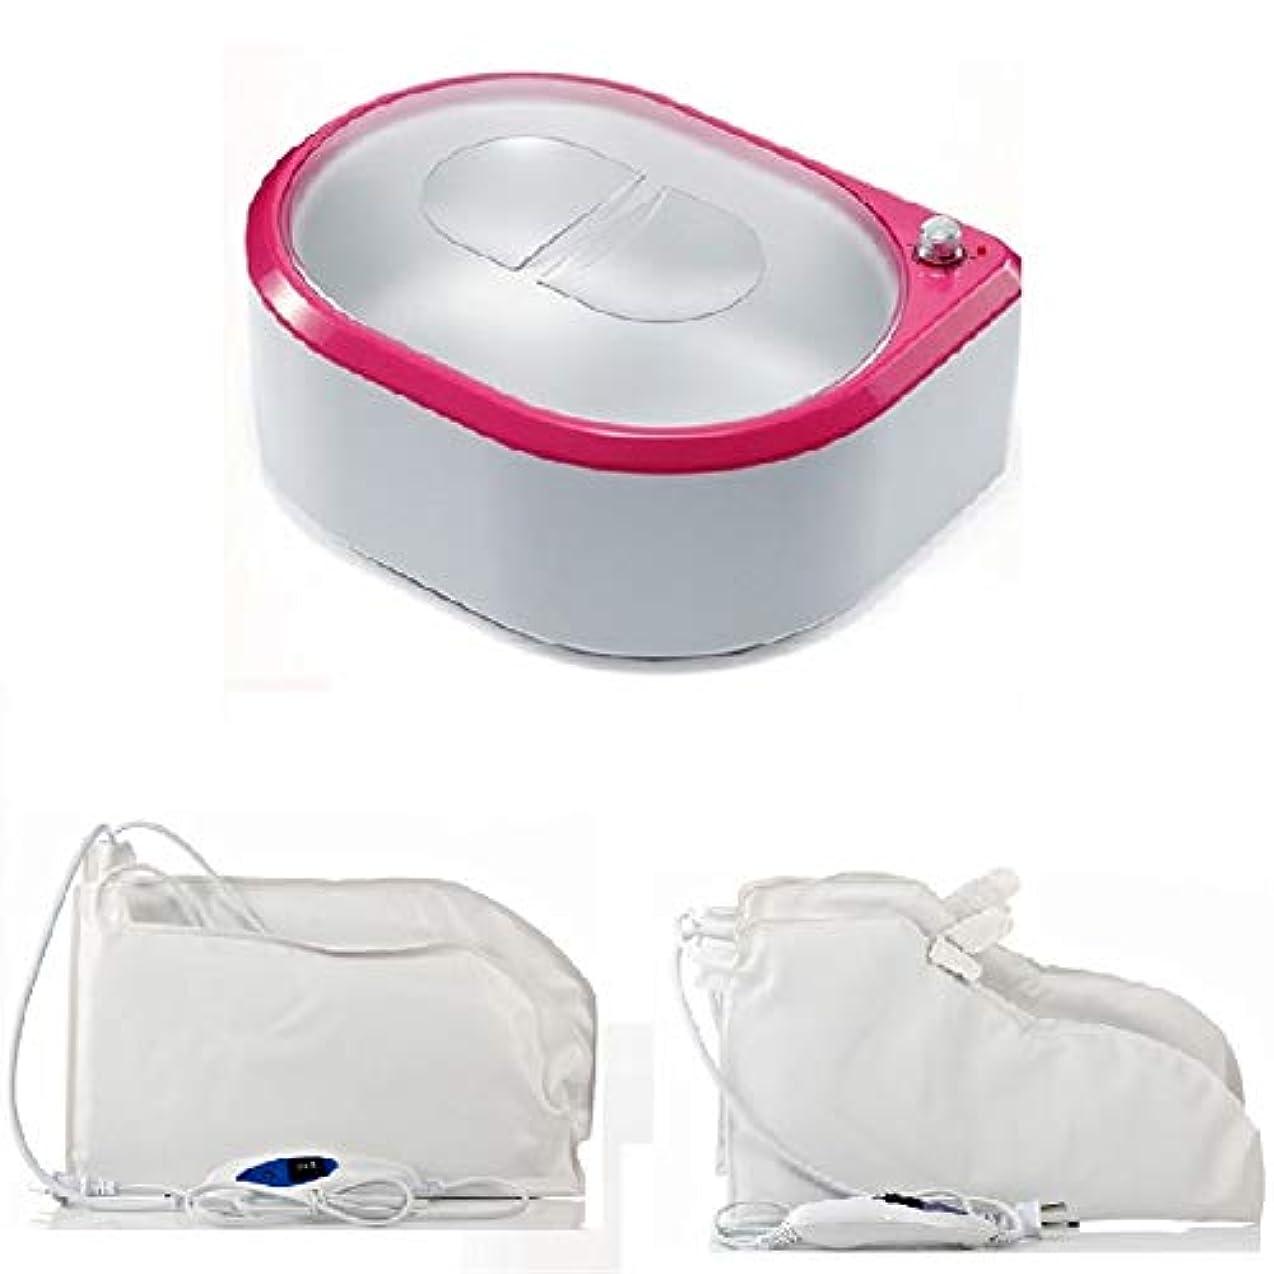 知覚的シンポジウム故意に5Lワックスウォーマーパラフィンヒーターマシンと加熱された電気ブーティーと連続水和熱療法用手袋,ピンク